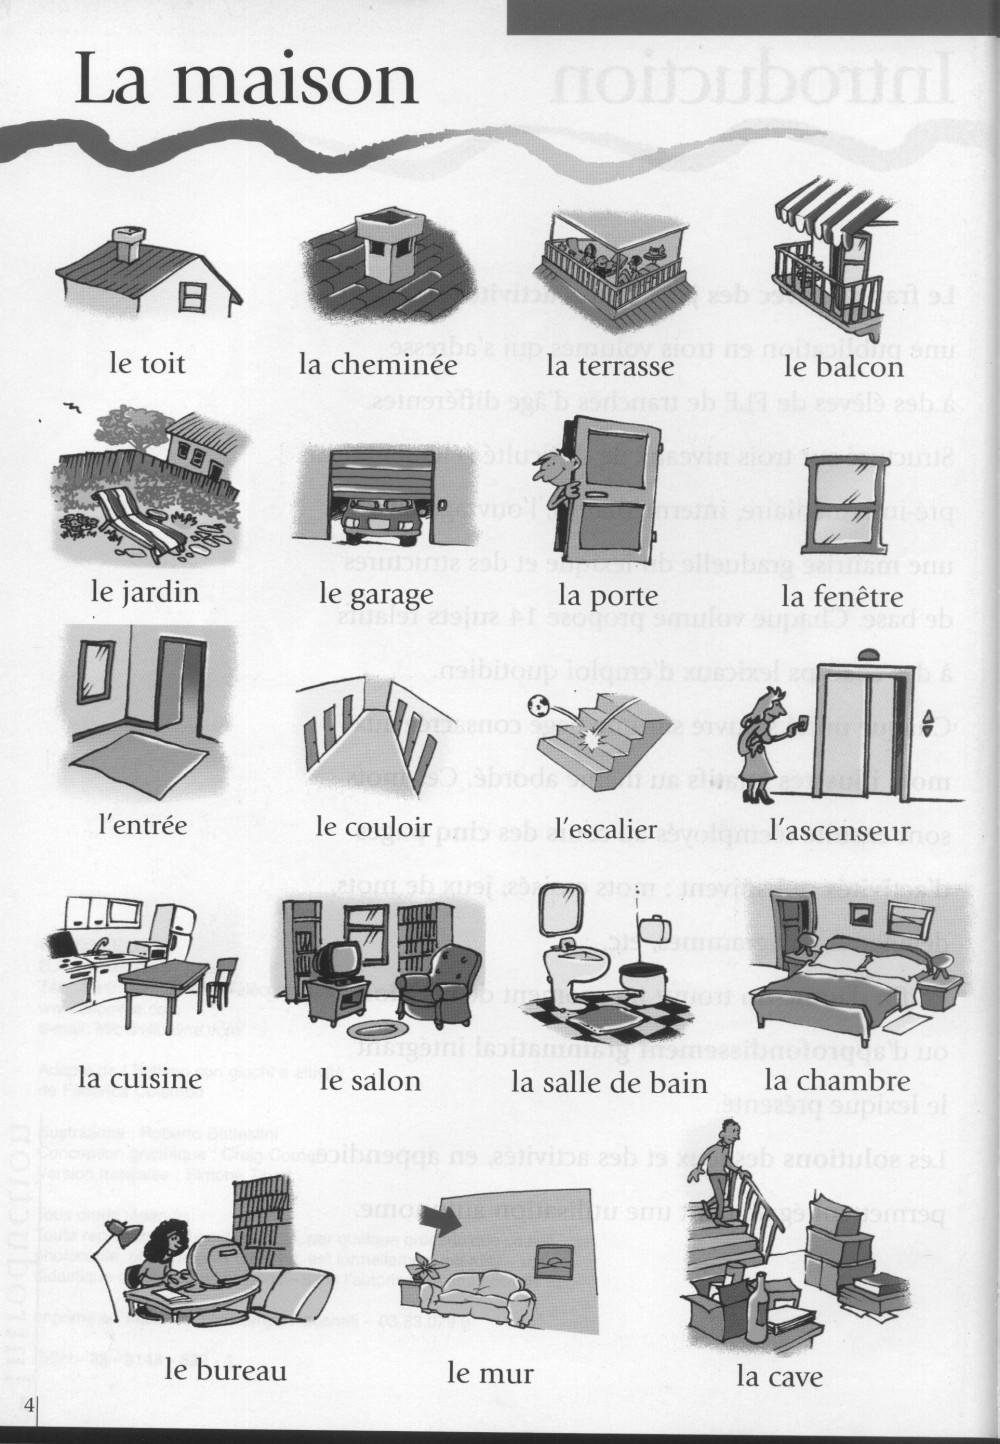 Le cahier de fran ais vocabulaire la maison for La maison des gazons